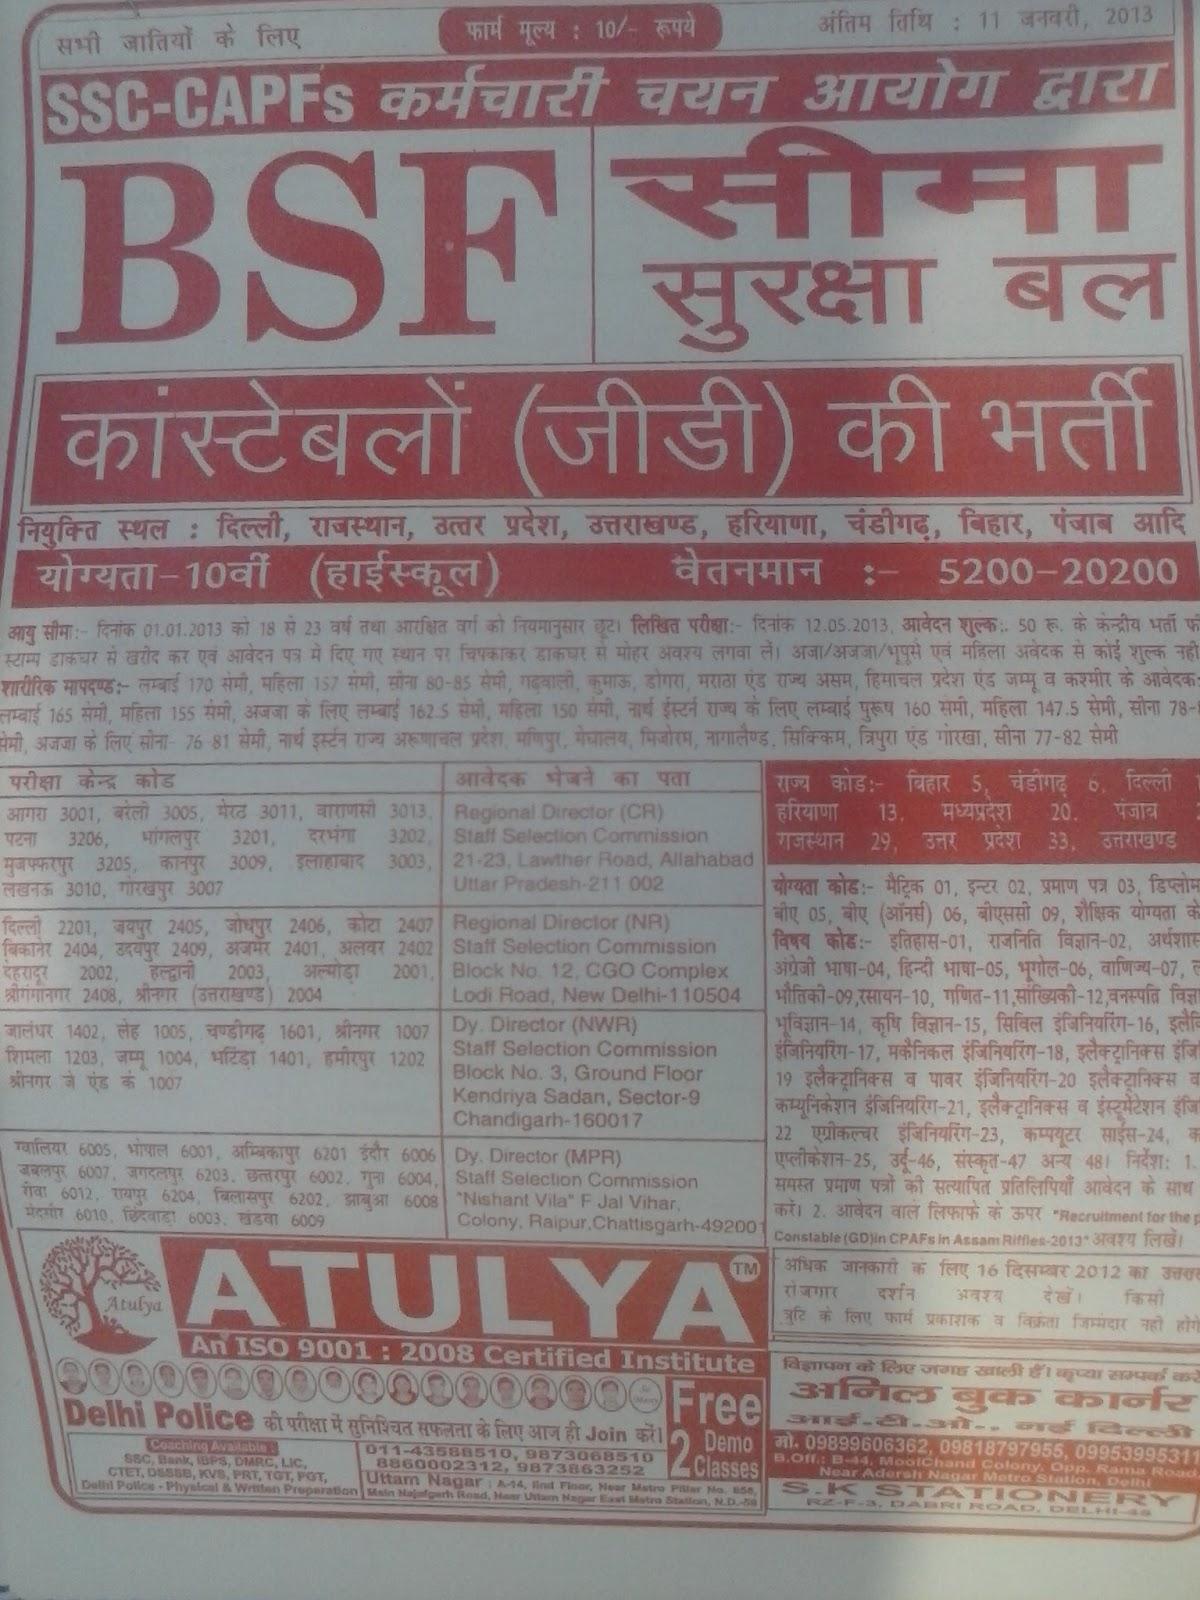 bharti rajasthan 2013 bsf bharti haryana 2013 bsf constable bharti